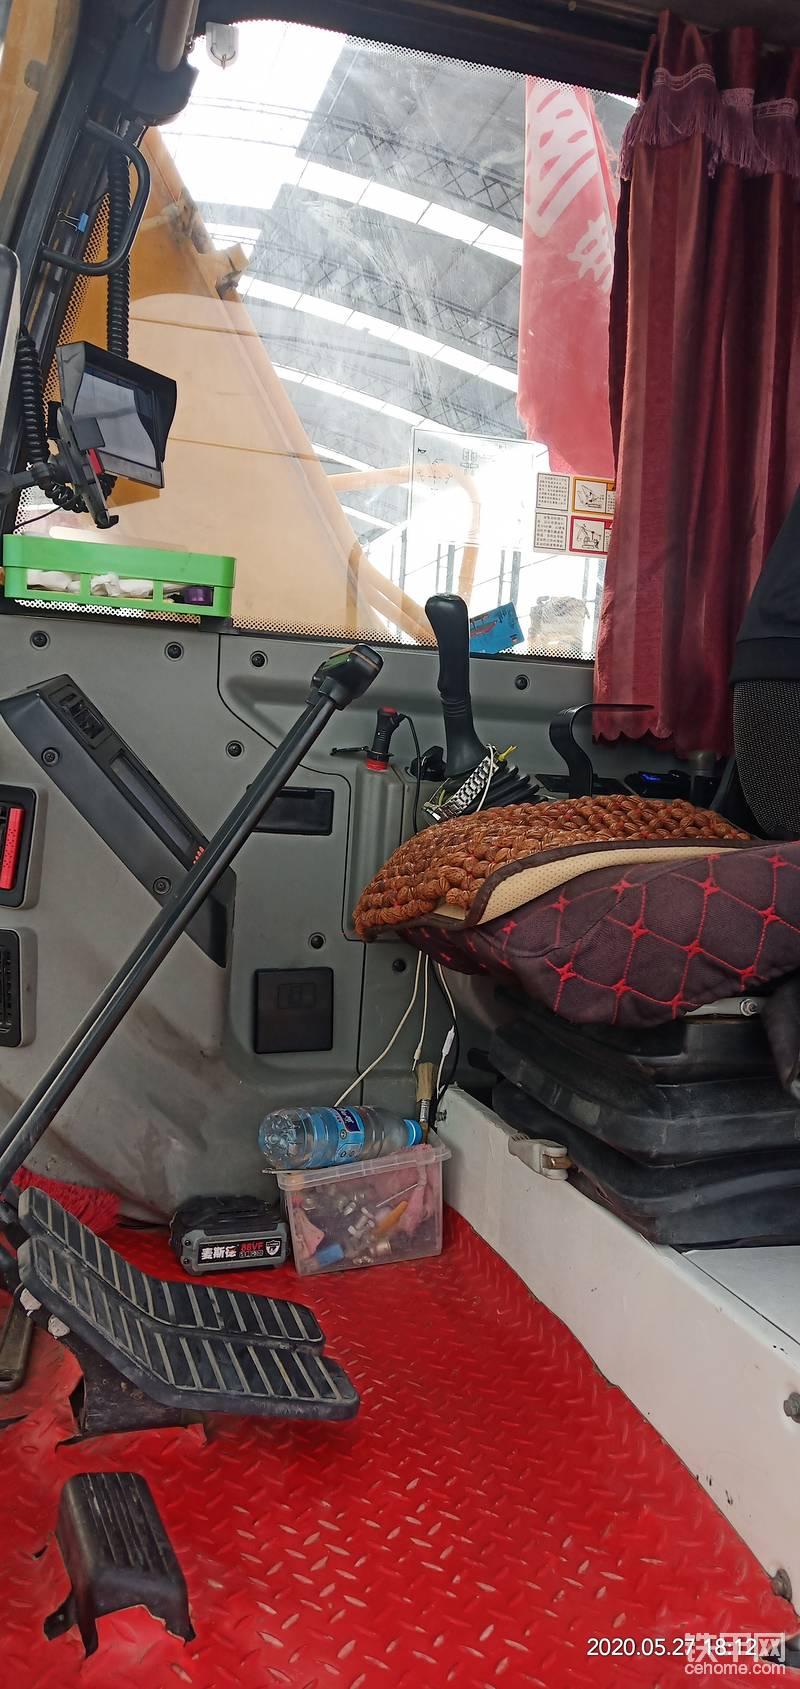 驾驶室里我加装了窗帘,倒车影像,管用不管用,爱好就好 马拉头,回来我拆开看了一下里面的套和轴,有间隙的地方都加垫处理